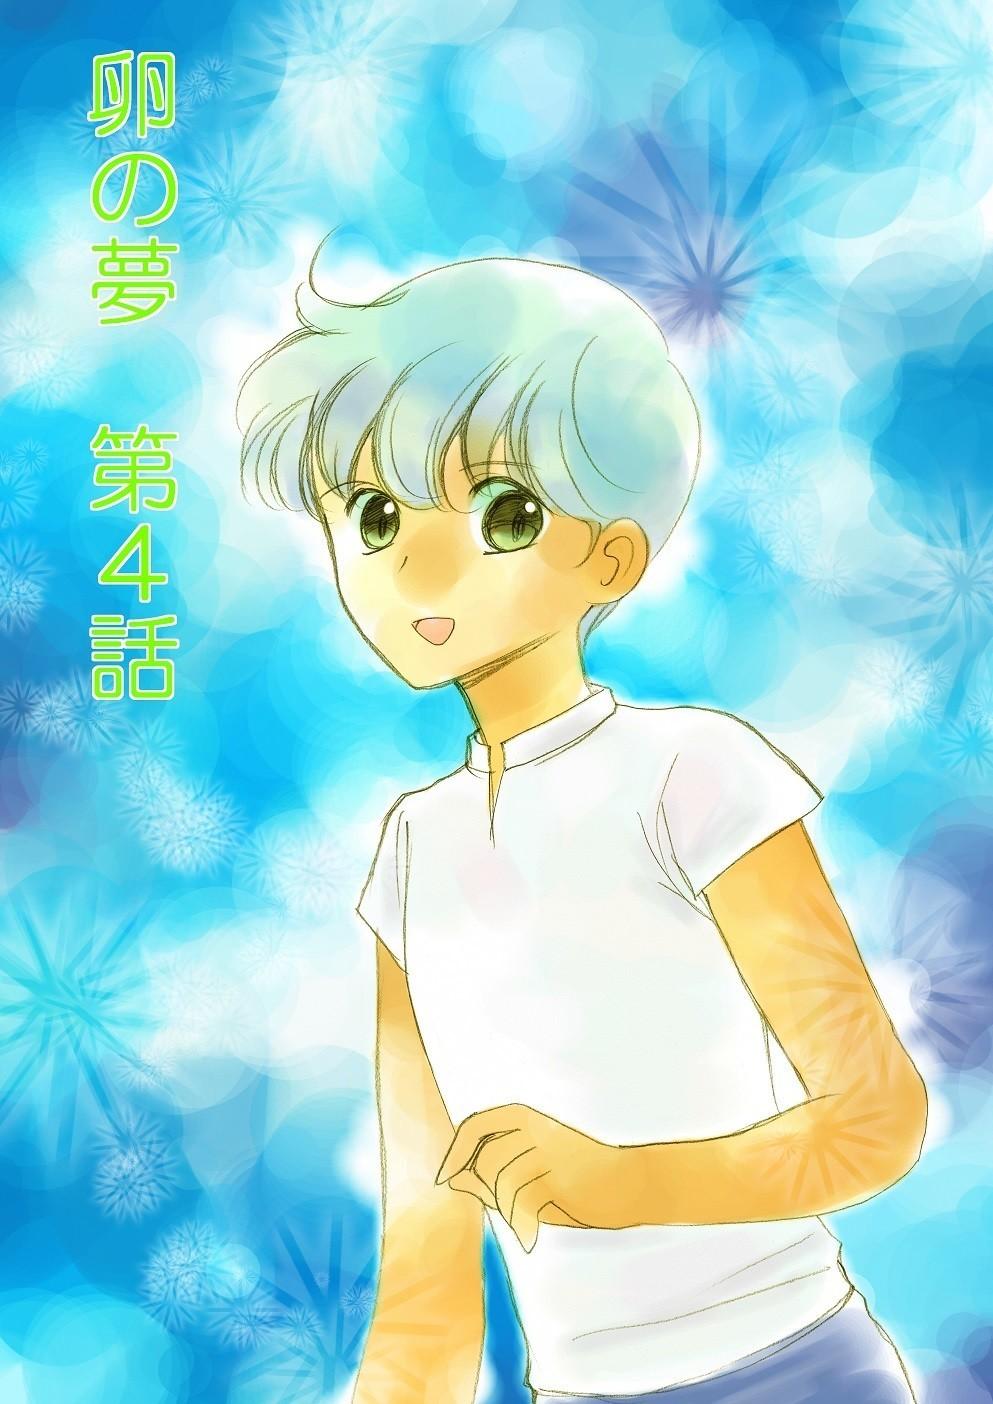 「卵の夢」第4話 アルファポリスの方にも投稿しています。https://www.alphapolis.co.jp/manga/156516777/585262249